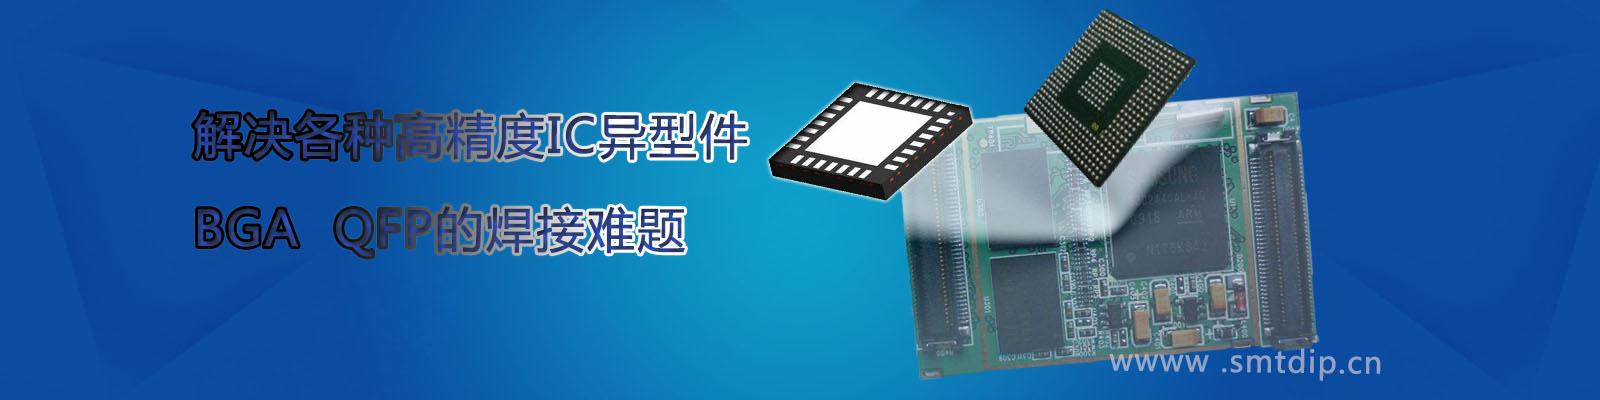 深圳SMT贴片厂是一家专业的坪山贴片加工